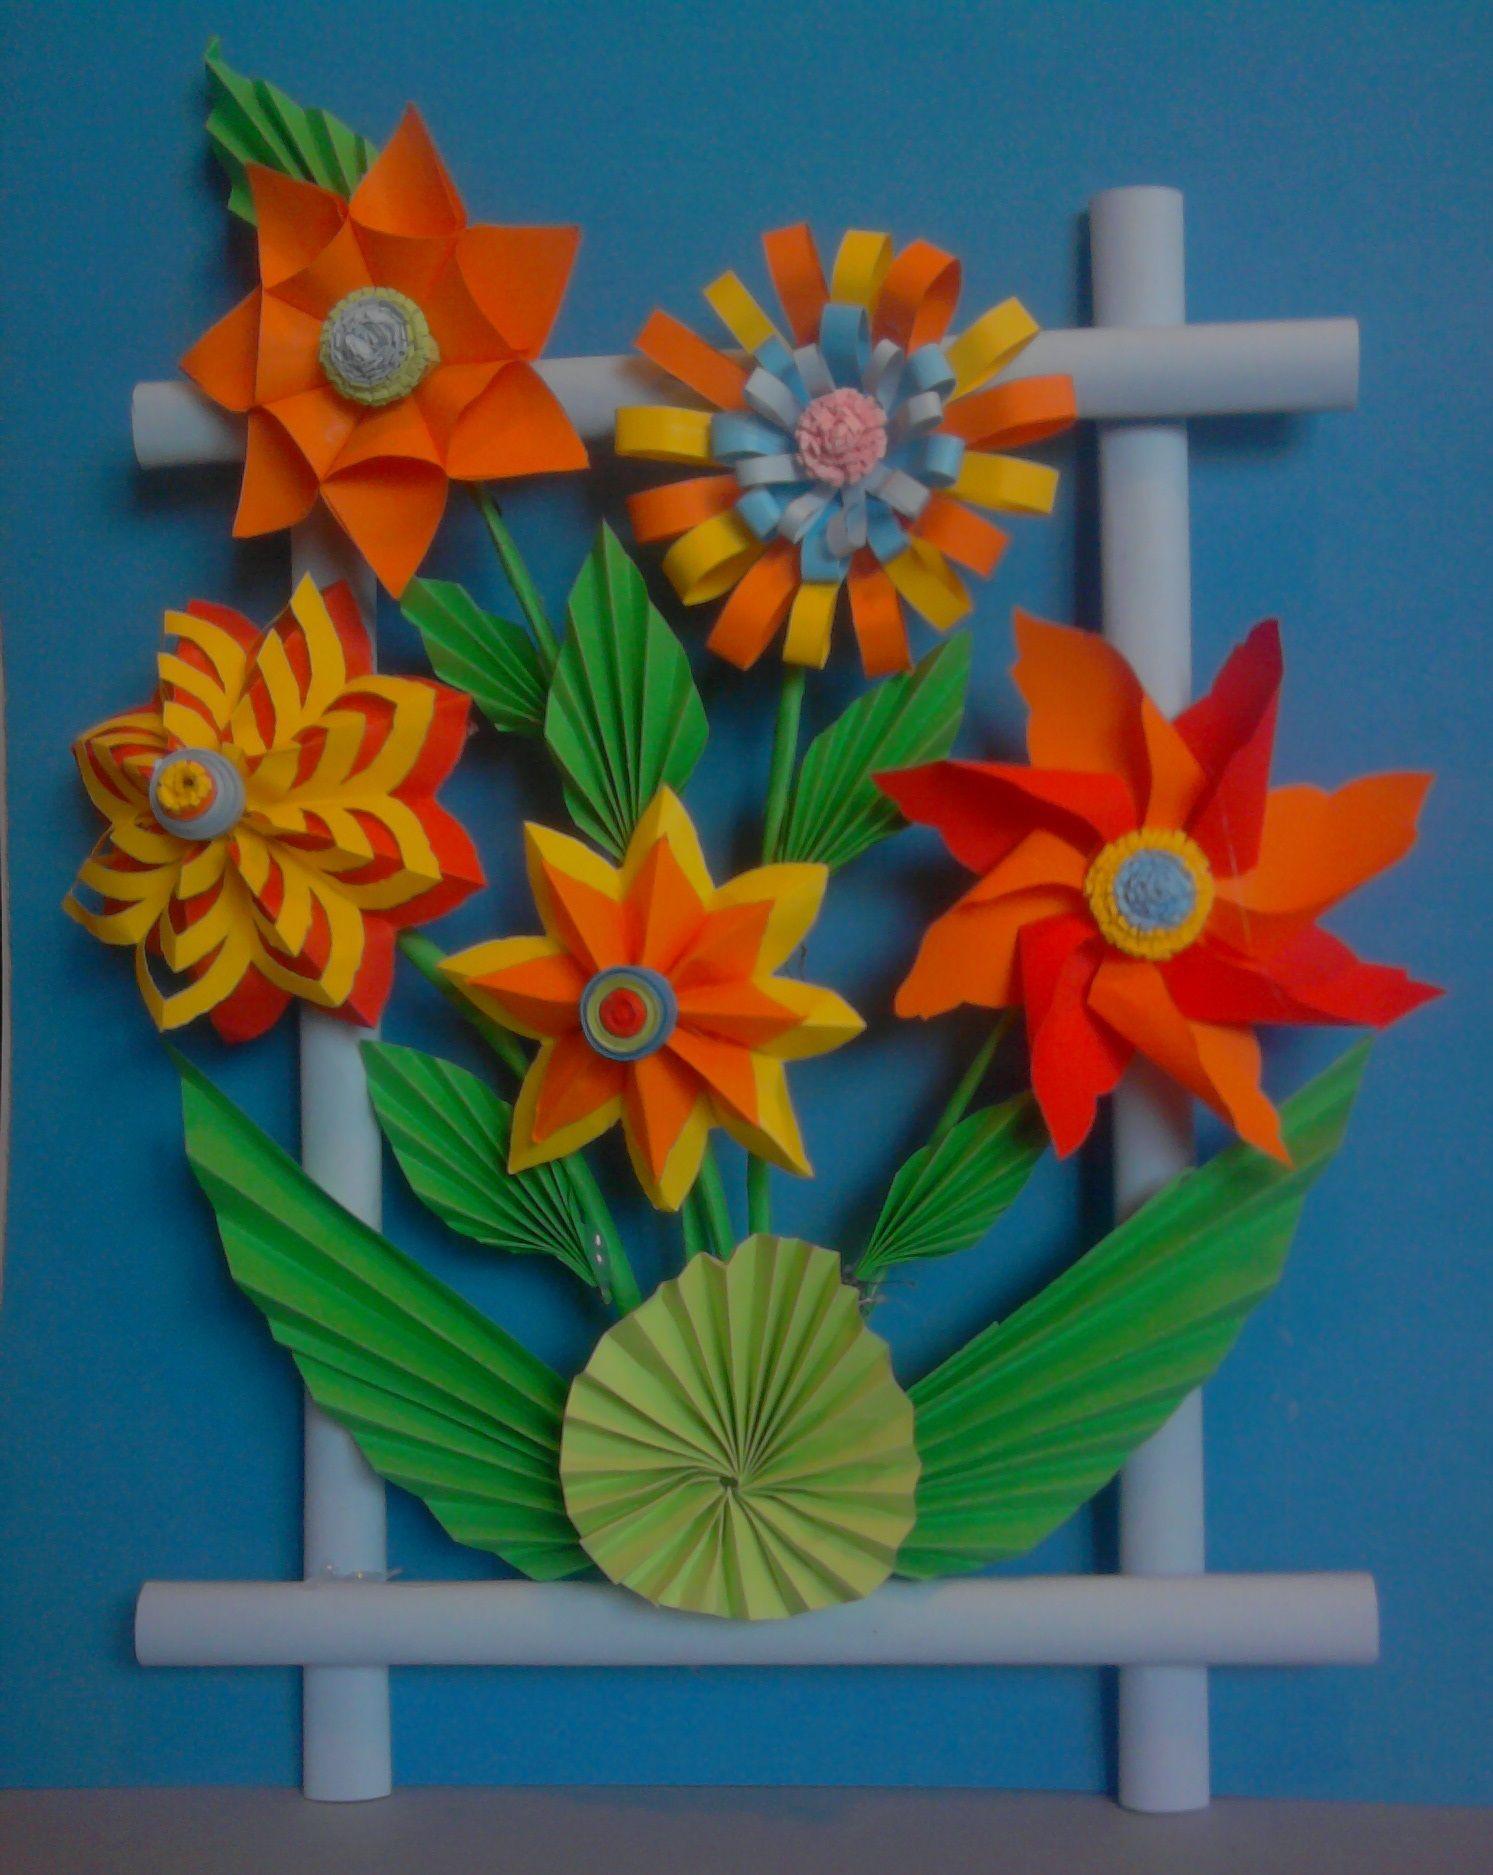 Kwiaty Z Papieru Ikebana Prace Plastyczne Dariusz Zolynski Flowers Paper Paper Flowers Orgiami Kirigami Blumen Aus Papier Bastelarbeiten Diy Blumen